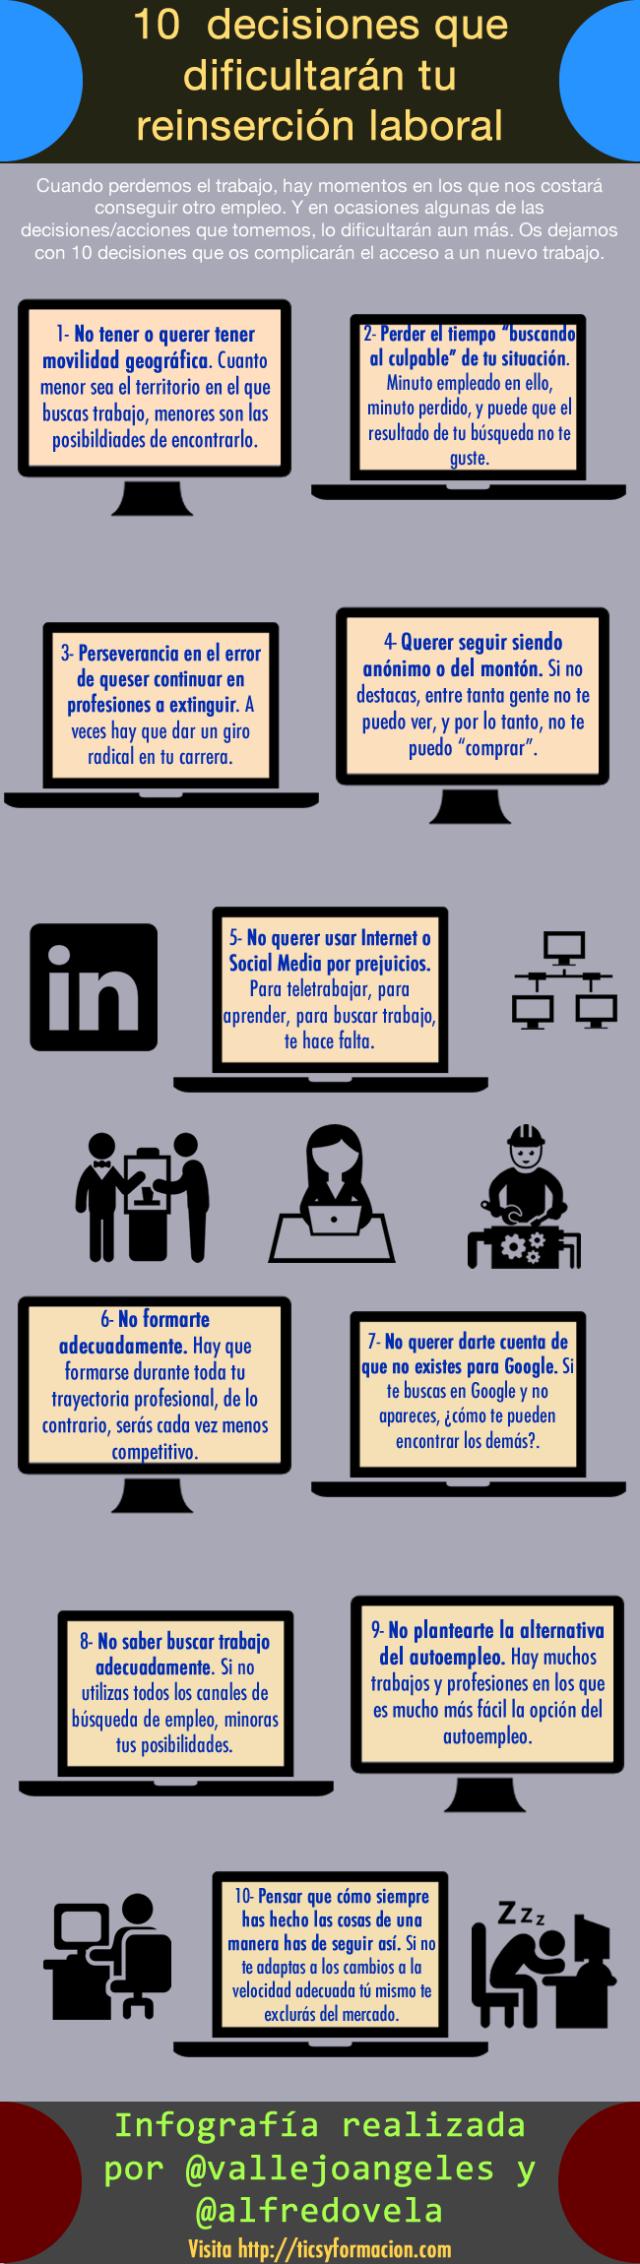 10 decisiones que dificultarán tu reinserción laboral